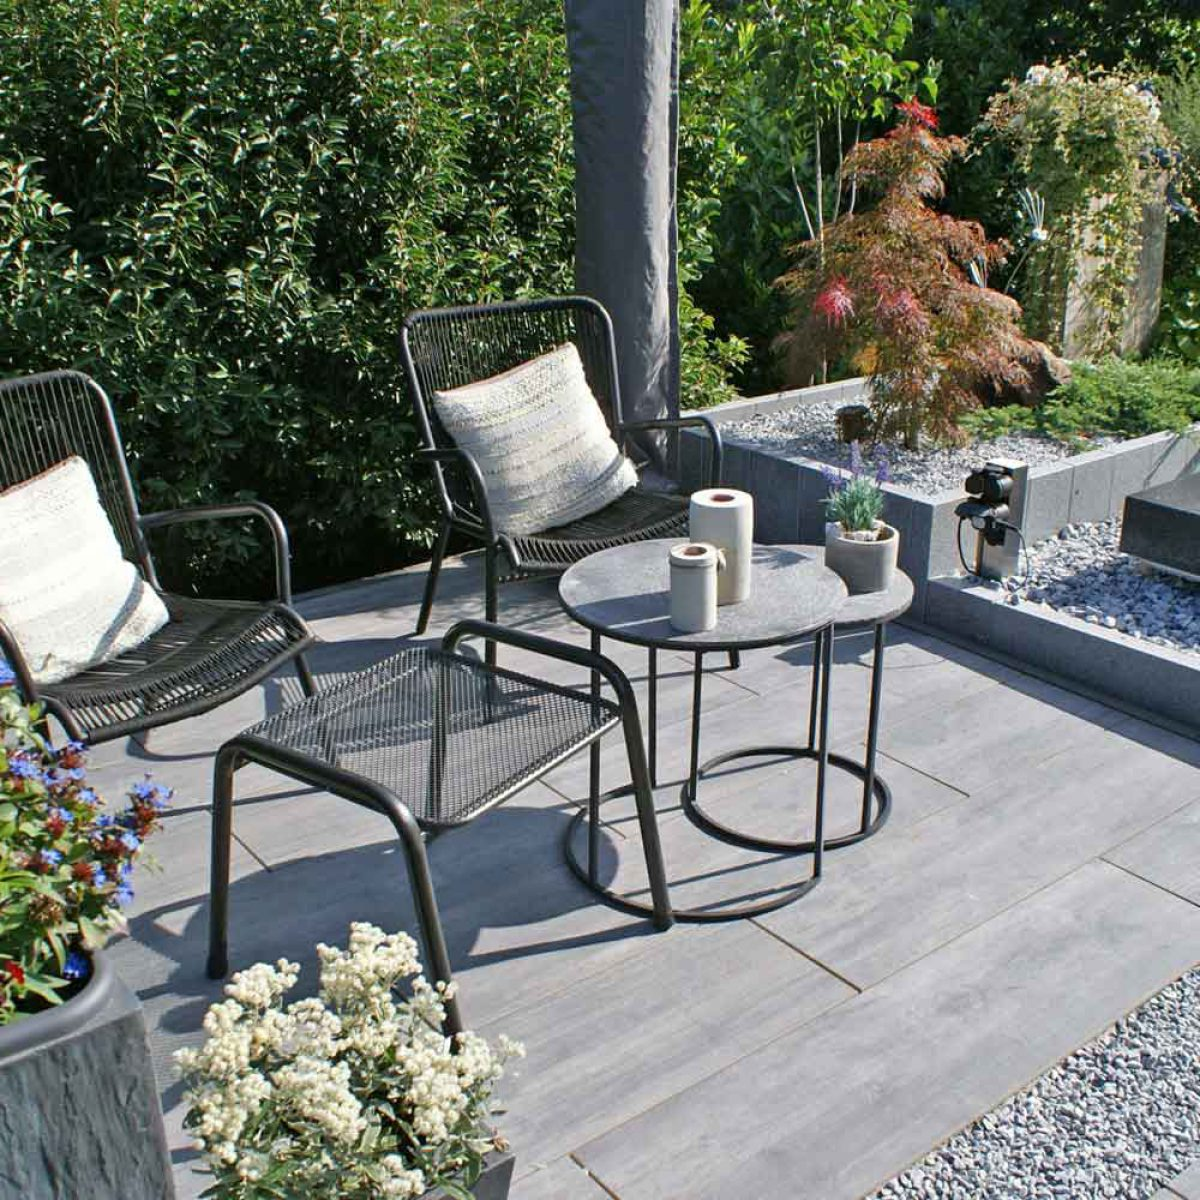 Galabau Egbert Gartengestaltung Terrassen und Wohlfühlorte